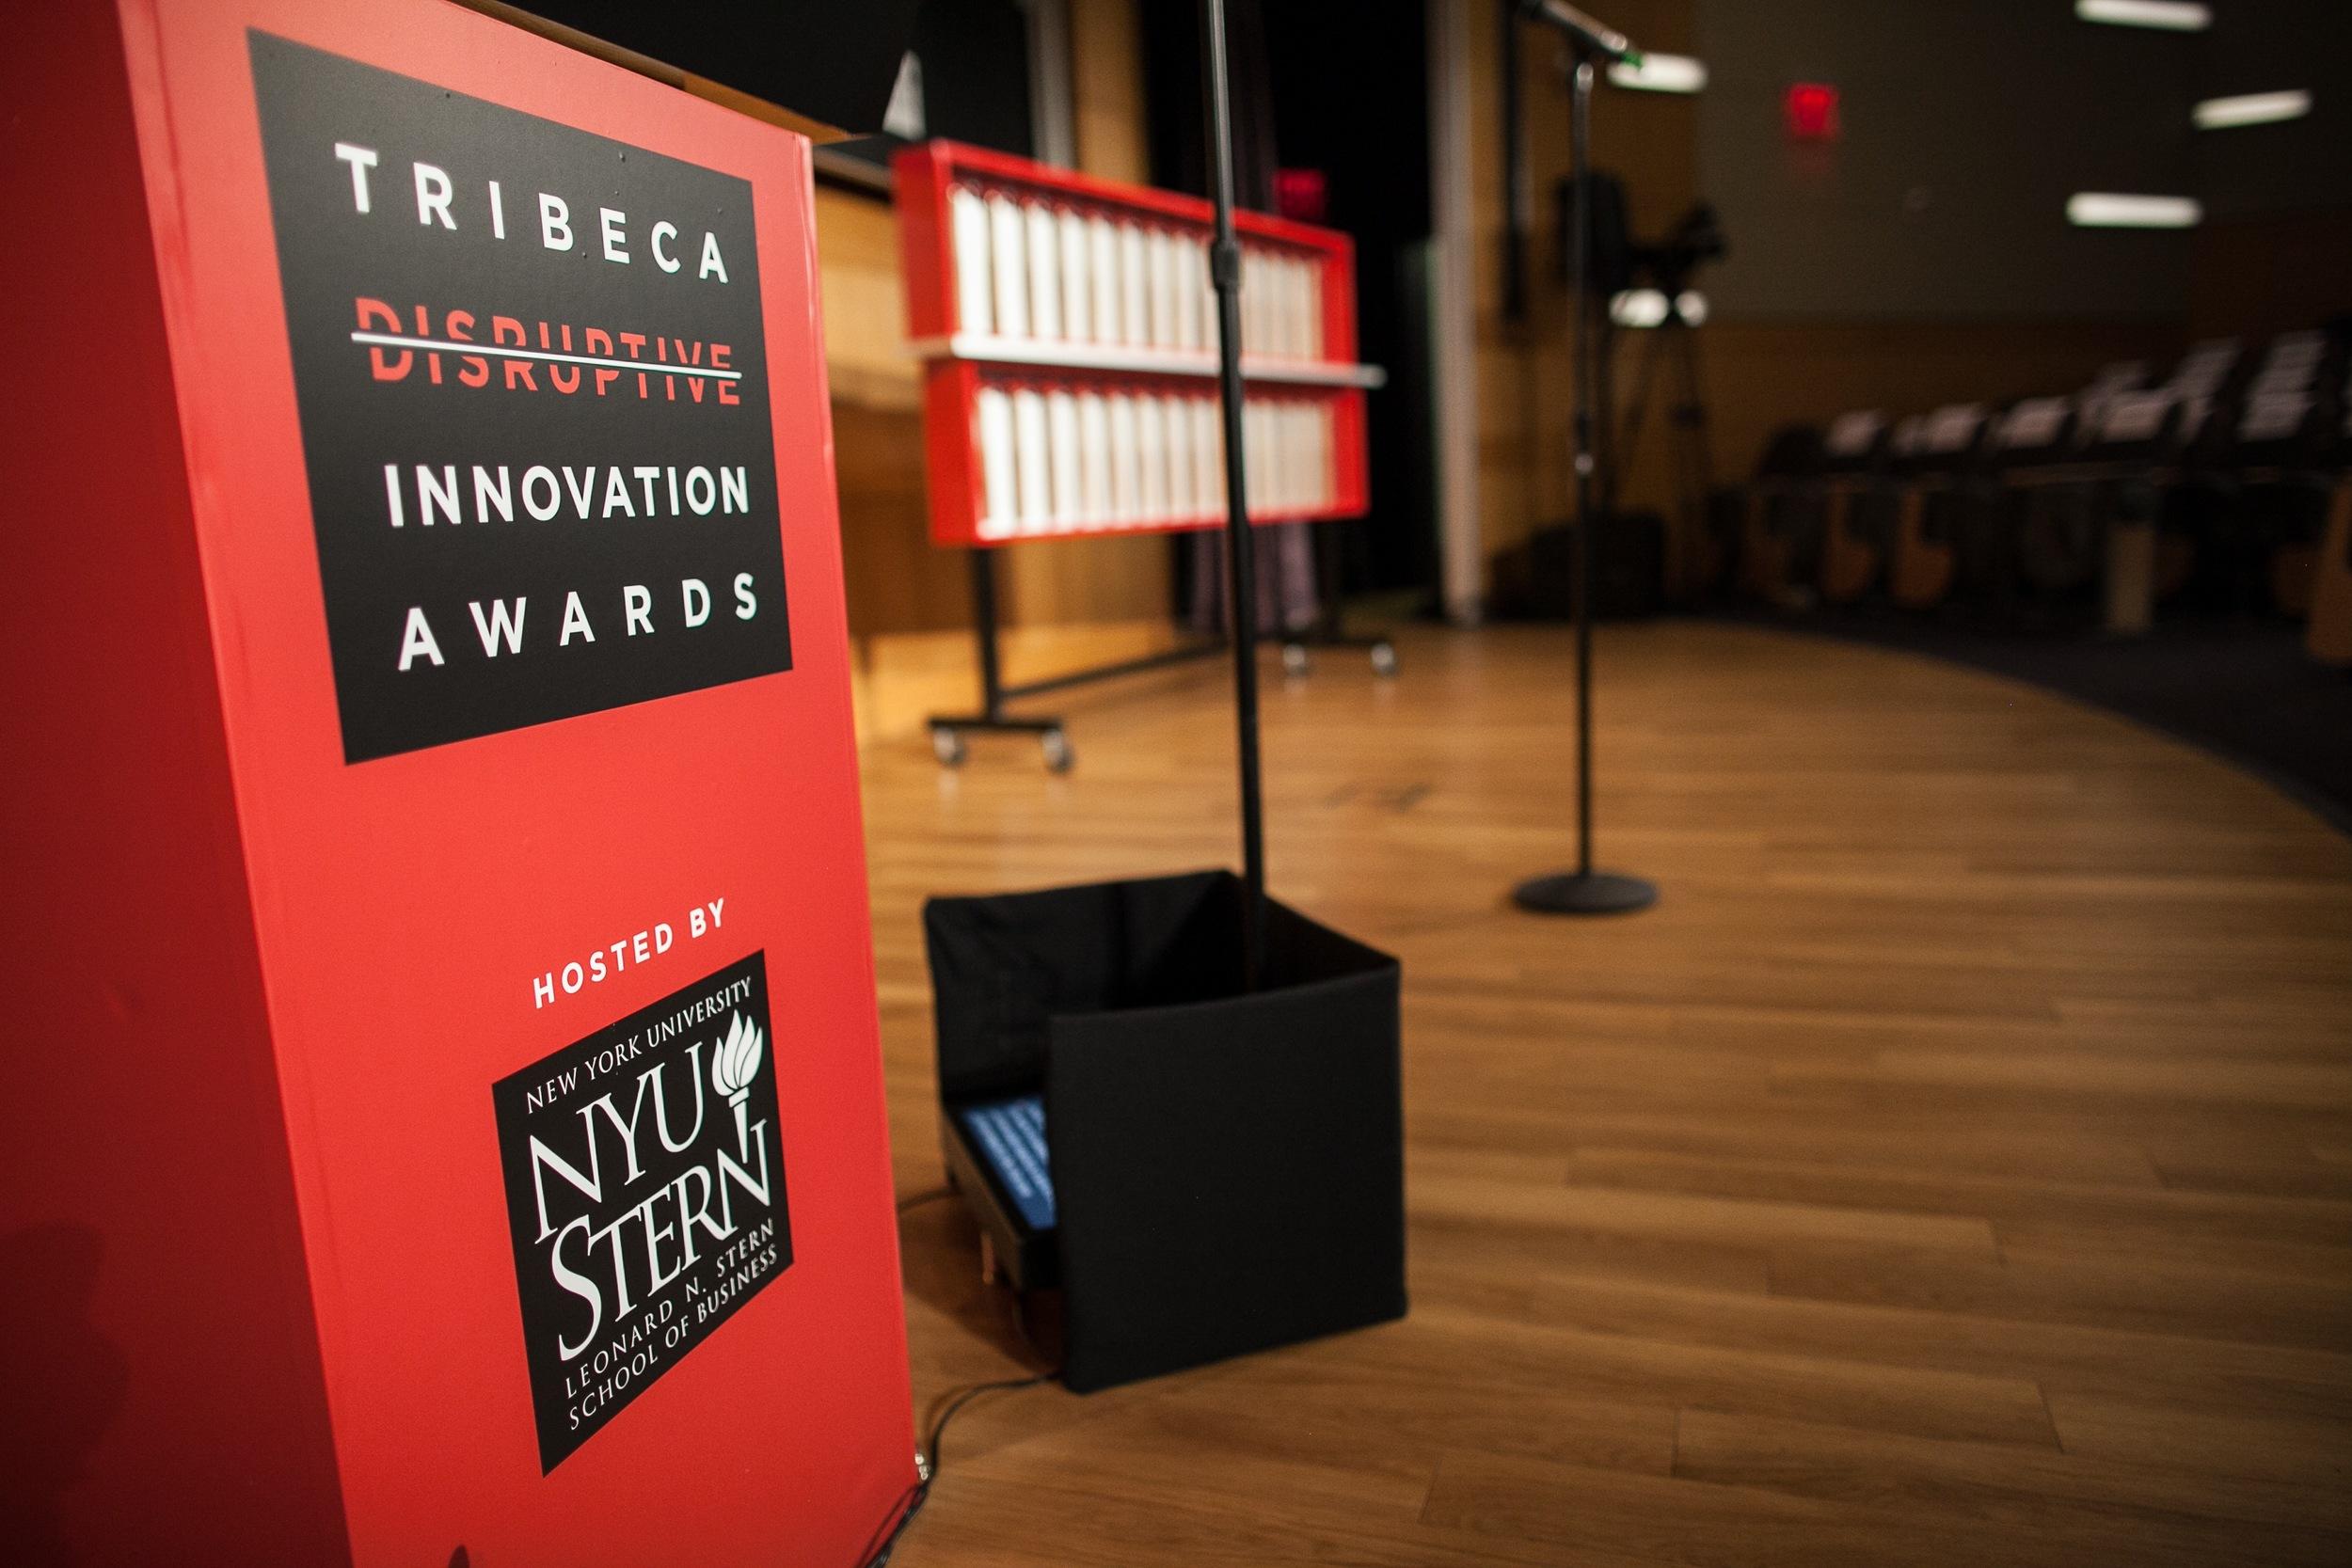 Tribeca Disruptive Innovation Awards 2013 - 010.jpg